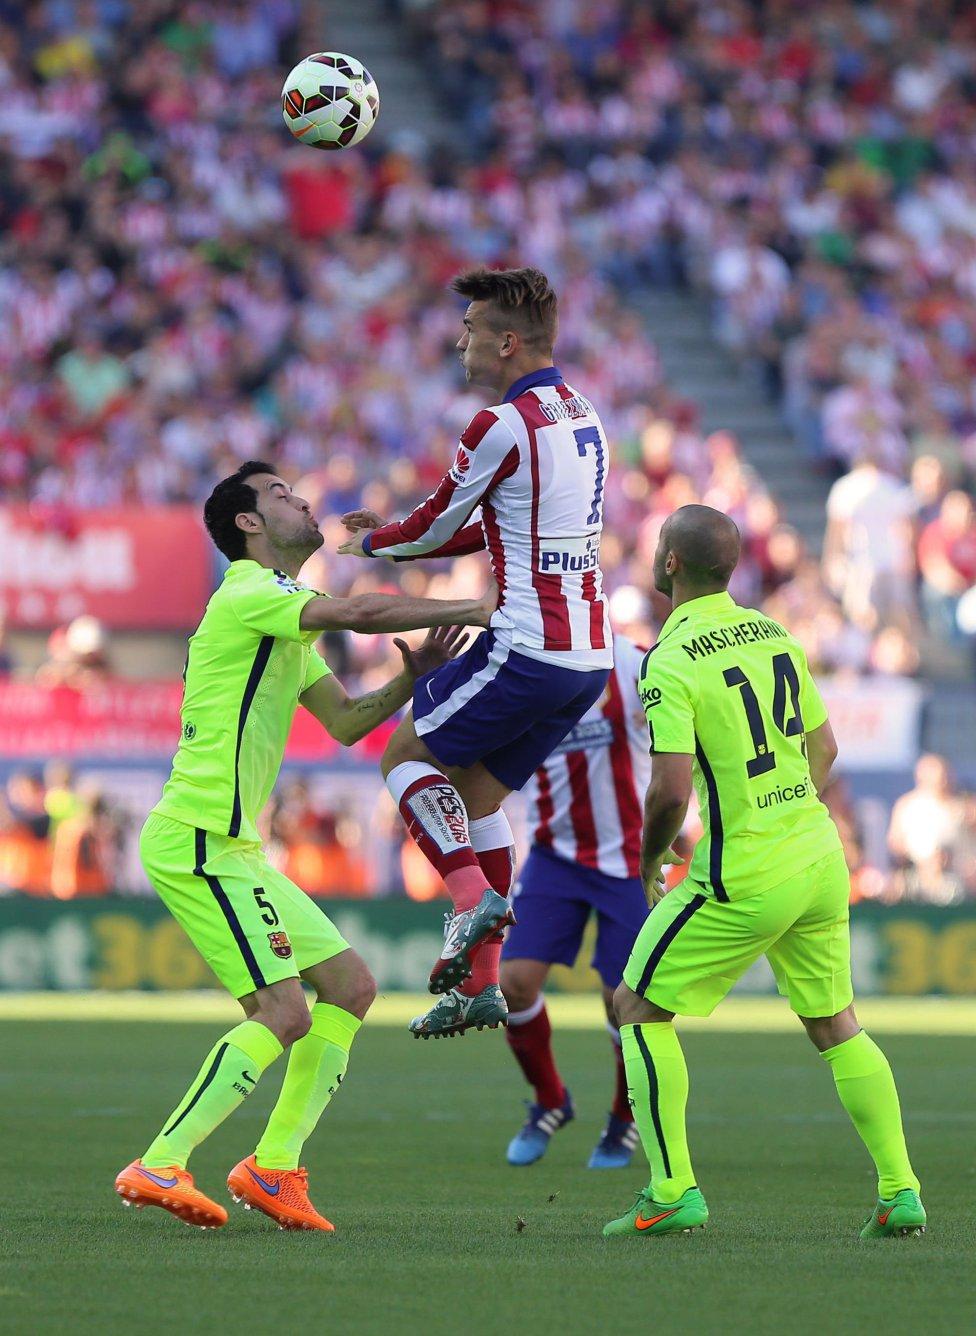 صور : مباراة أتليتيكو مدريد - برشلونة 0-1 ( 17-05-2015 )  1431882723_714580_1431884242_album_grande